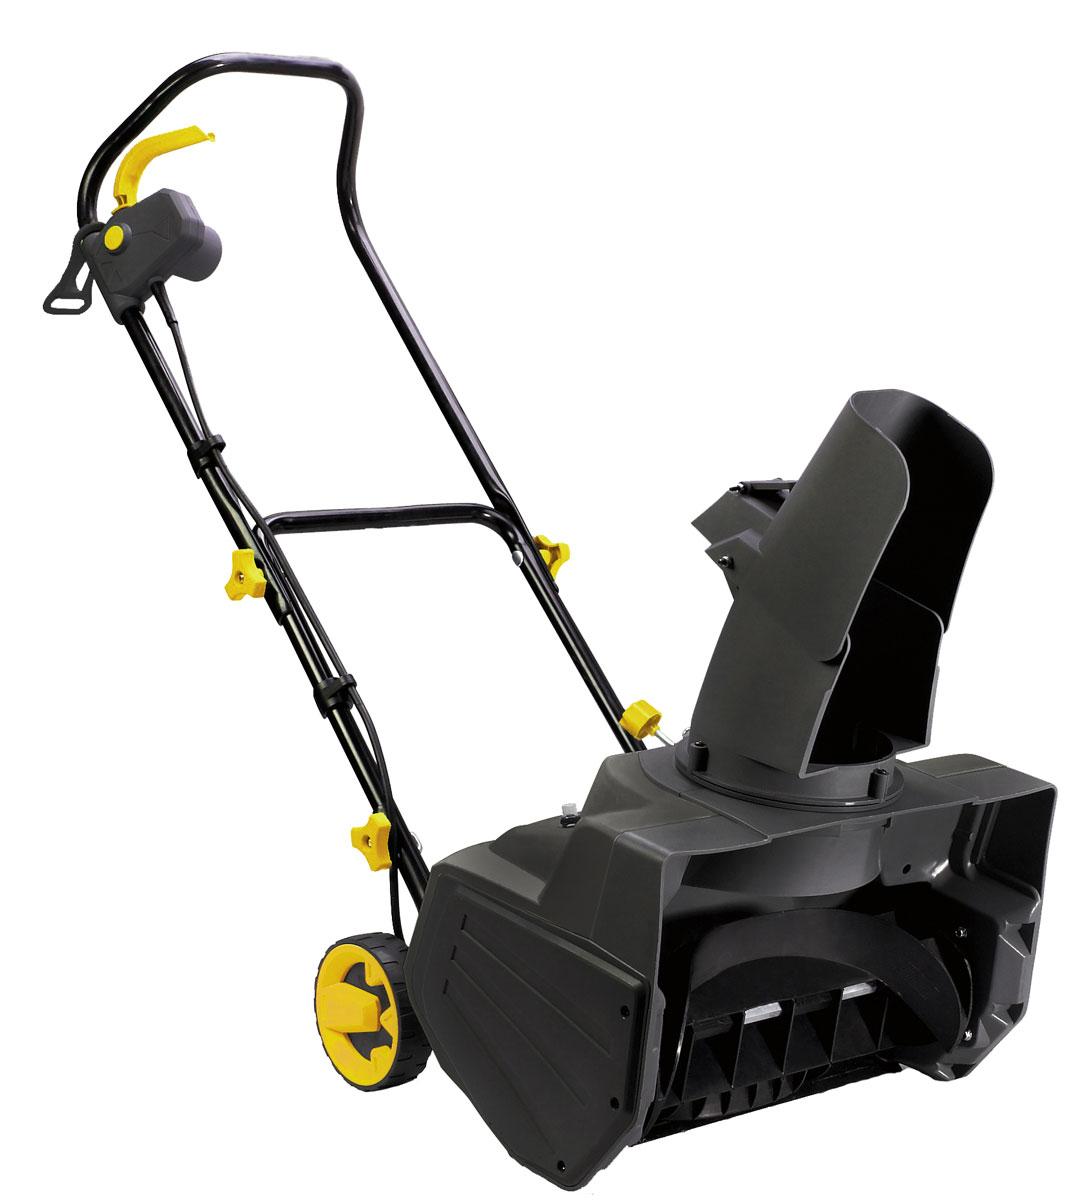 """Электрический снегоуборщик Huter """"SGC 2000E"""" применяется возле дома или гаража для расчистки территории от  снега. Имеет ковш шириной 46 см. Регулировка направления выброса снега, дальности выброса осуществляется  при помощи рычага. Вращение шнека и захват им снега облегчают передвижение агрегата. Двигатель рассчитан  на работу при низких температурах.  Двигатель - электрический  Мощность двигателя - 2000 Вт  Ширина захвата - 40 см  Высота захвата - 16 см  Тип перемещения - несамоходный Шнек - пластик Система шнеков - одноступенчатая Питание от сети - 220 В. Максимальная дальность выброса - 5 м."""